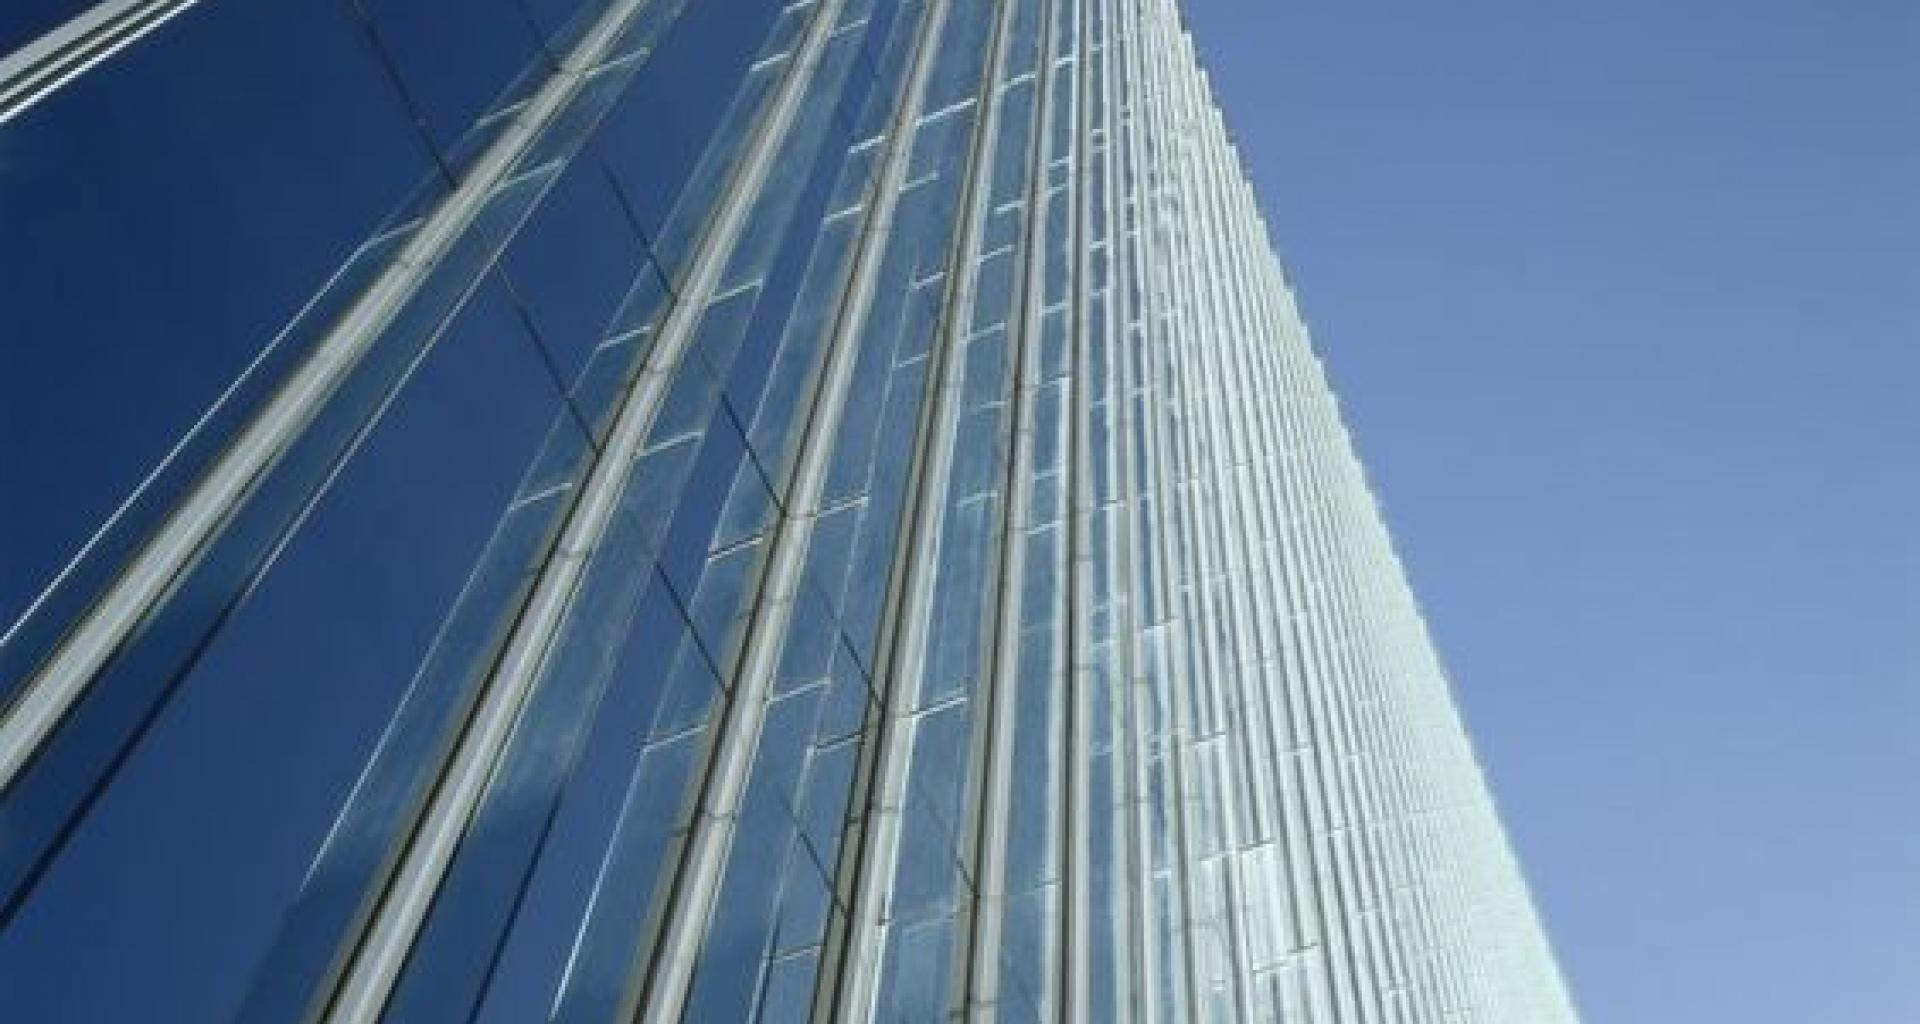 Structural facade